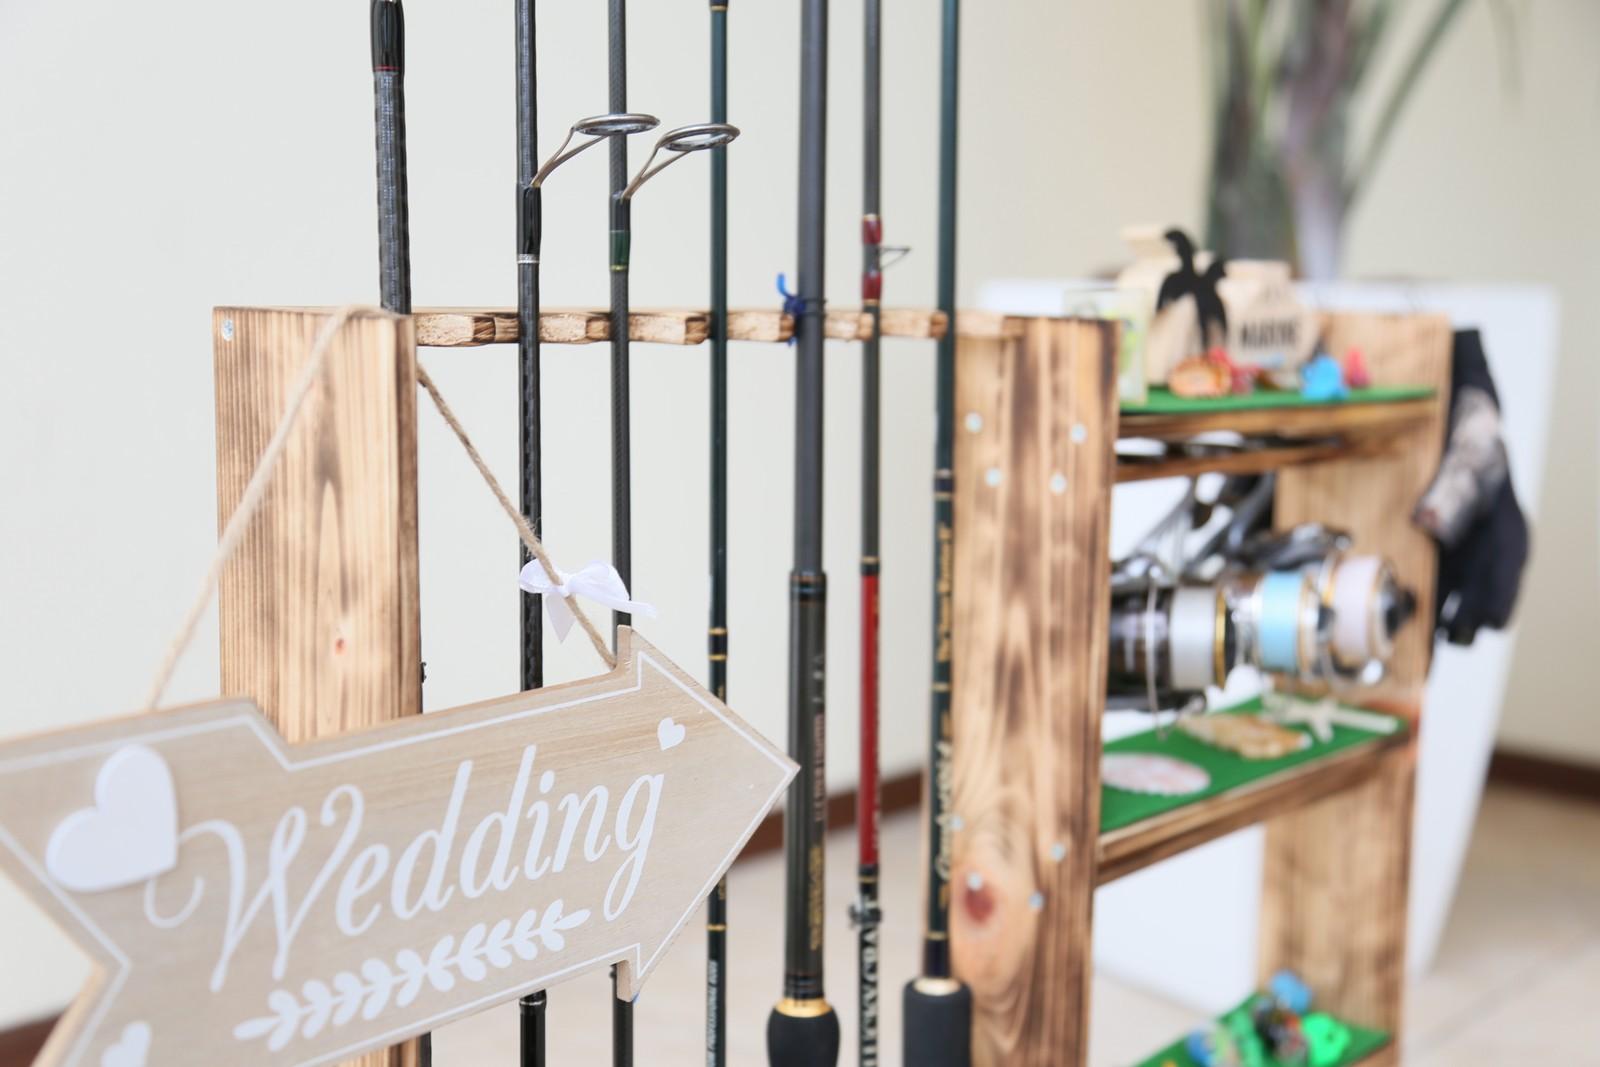 徳島市の結婚式場ブランアンジュで新郎様の趣味の釣りを取り入れたウェルカムグッズ